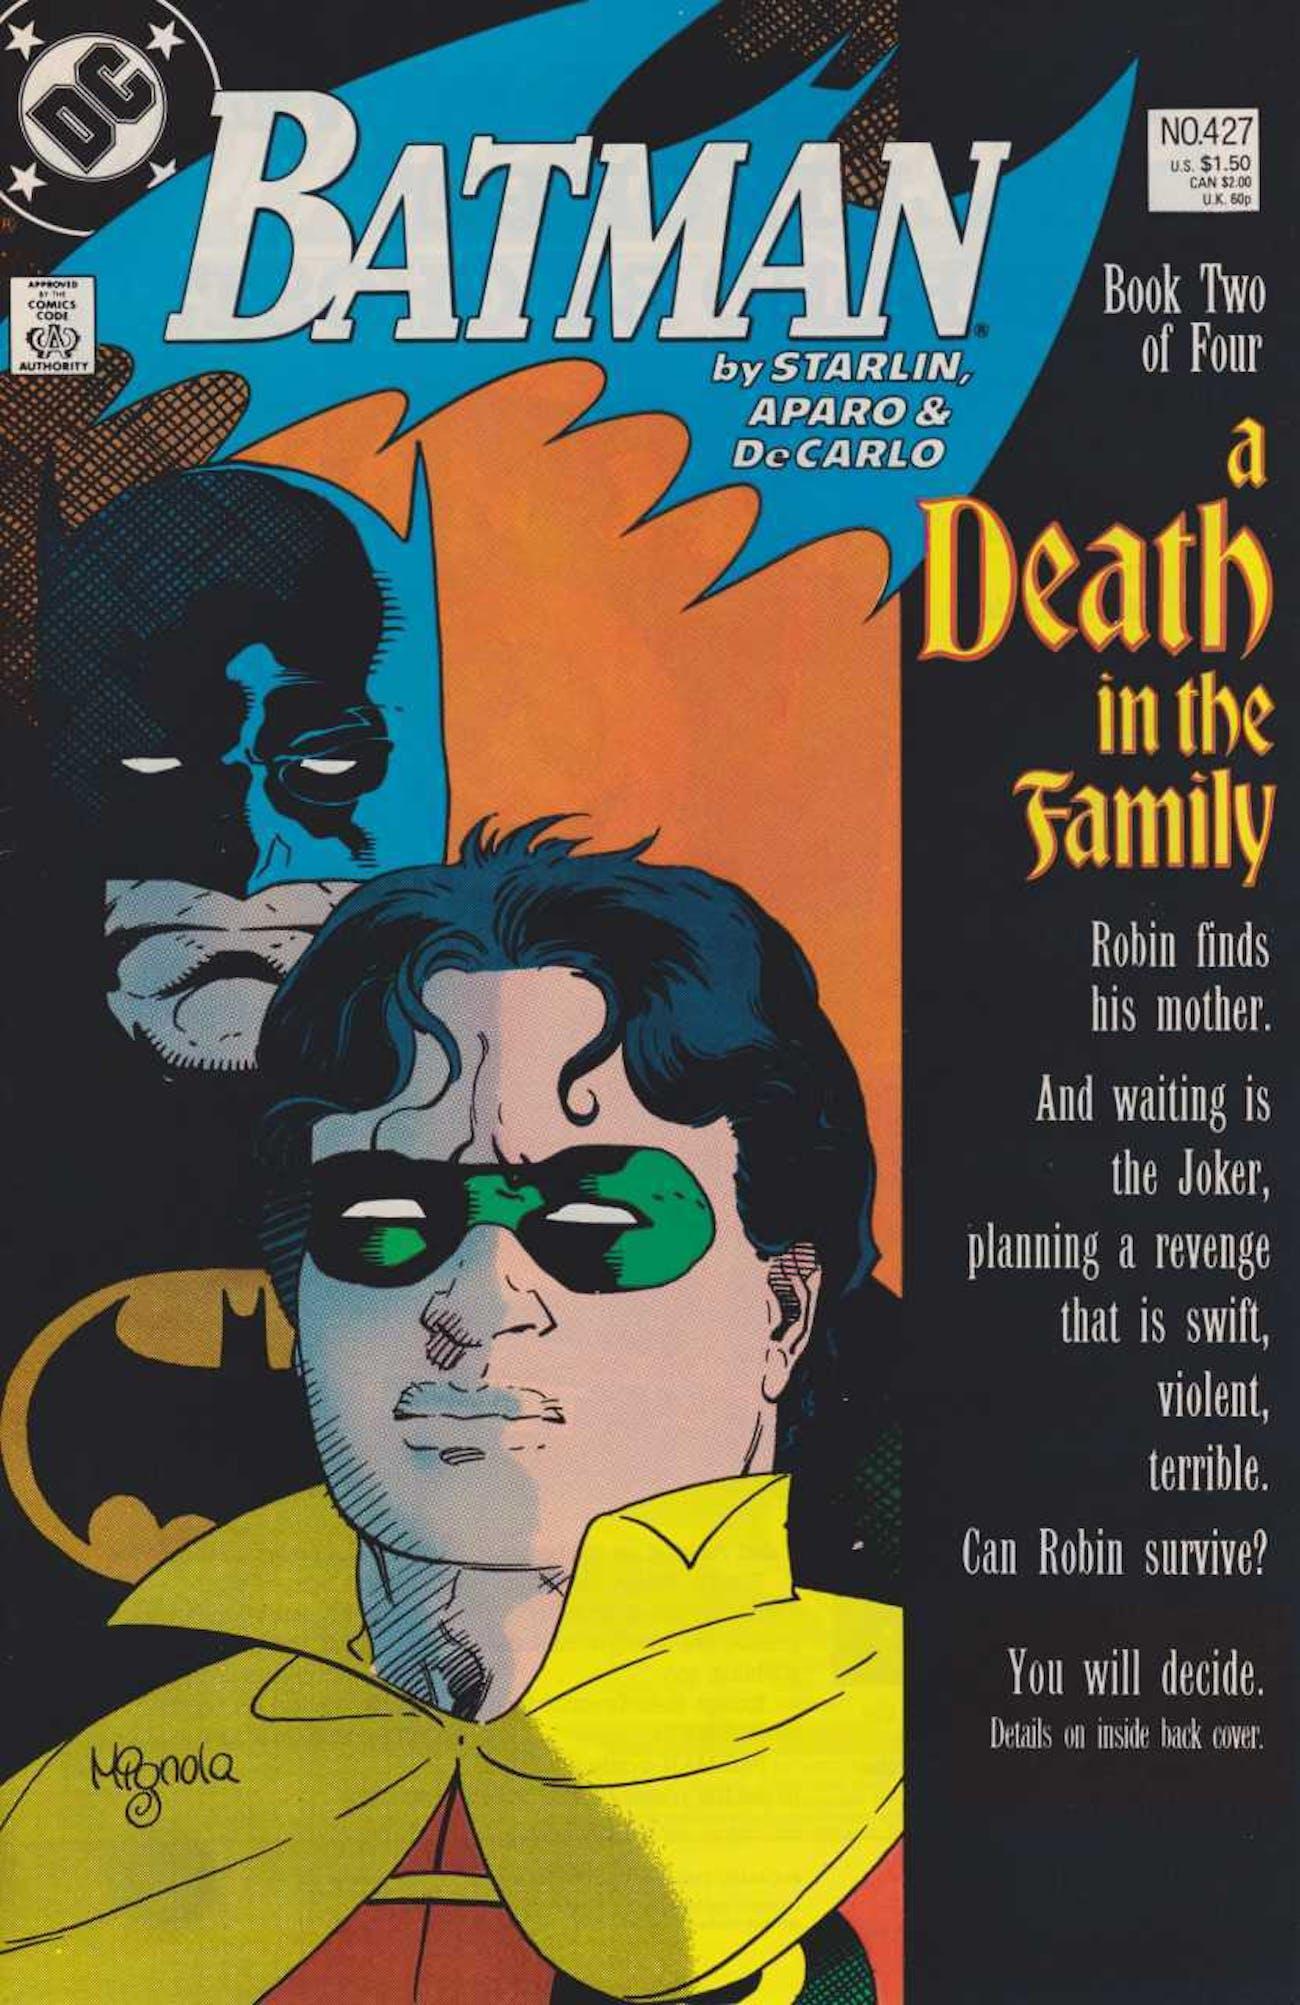 Batman: Arkham Knight''s Identity Reveal is Still Lame as